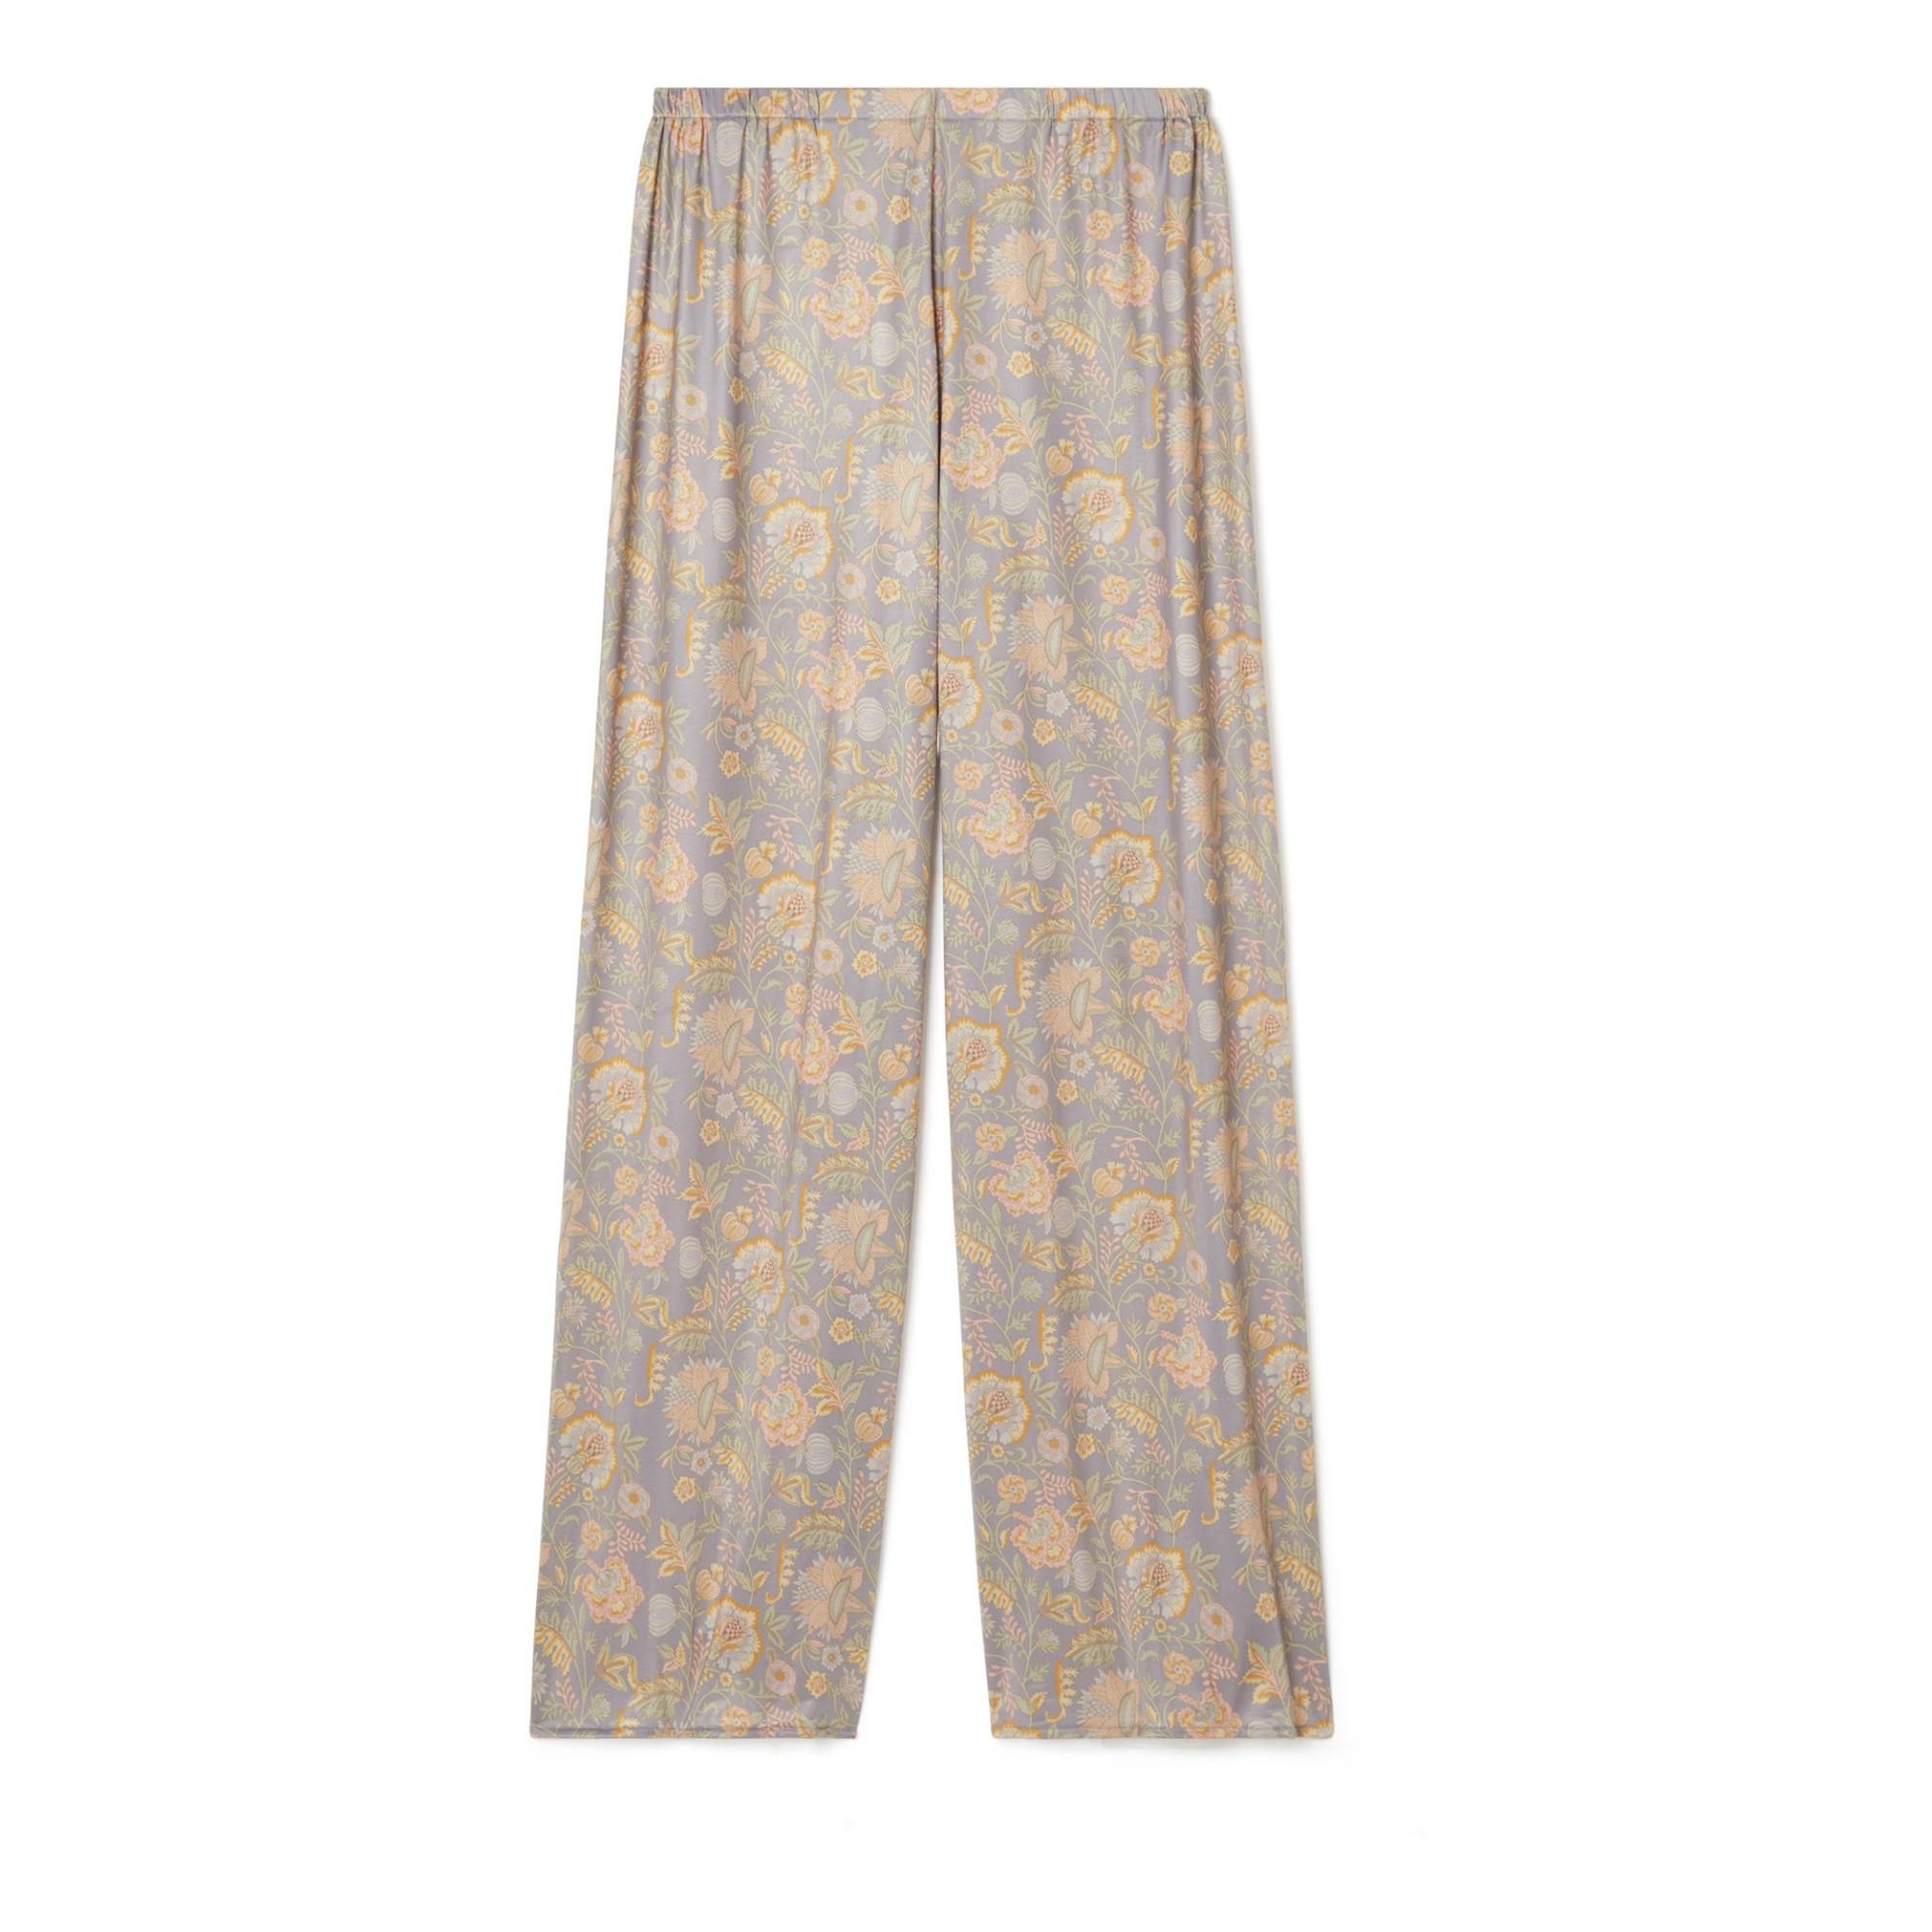 Pantalon de Pyjama Melicia - Collection Femme -